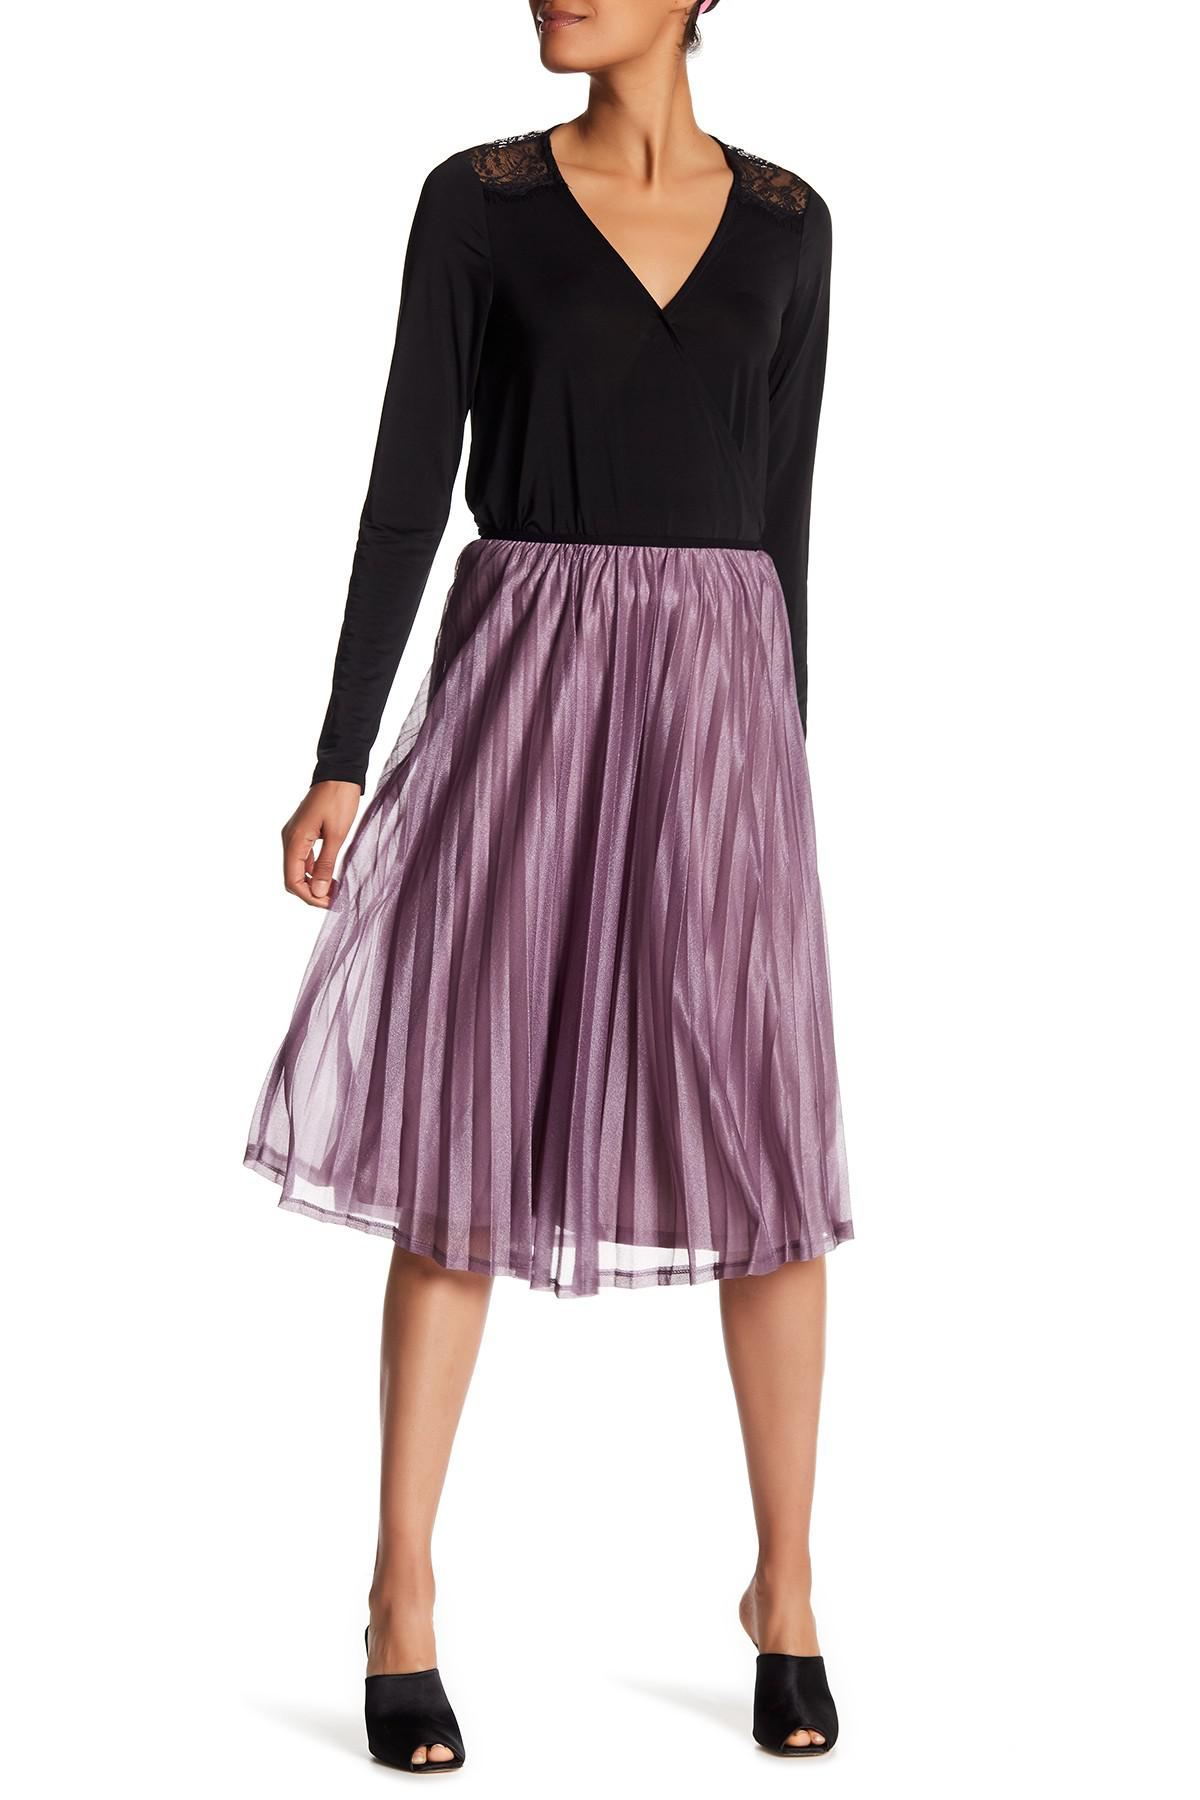 cc477684e7 Vero Moda Glitzy Pleated Skirt in Purple - Lyst